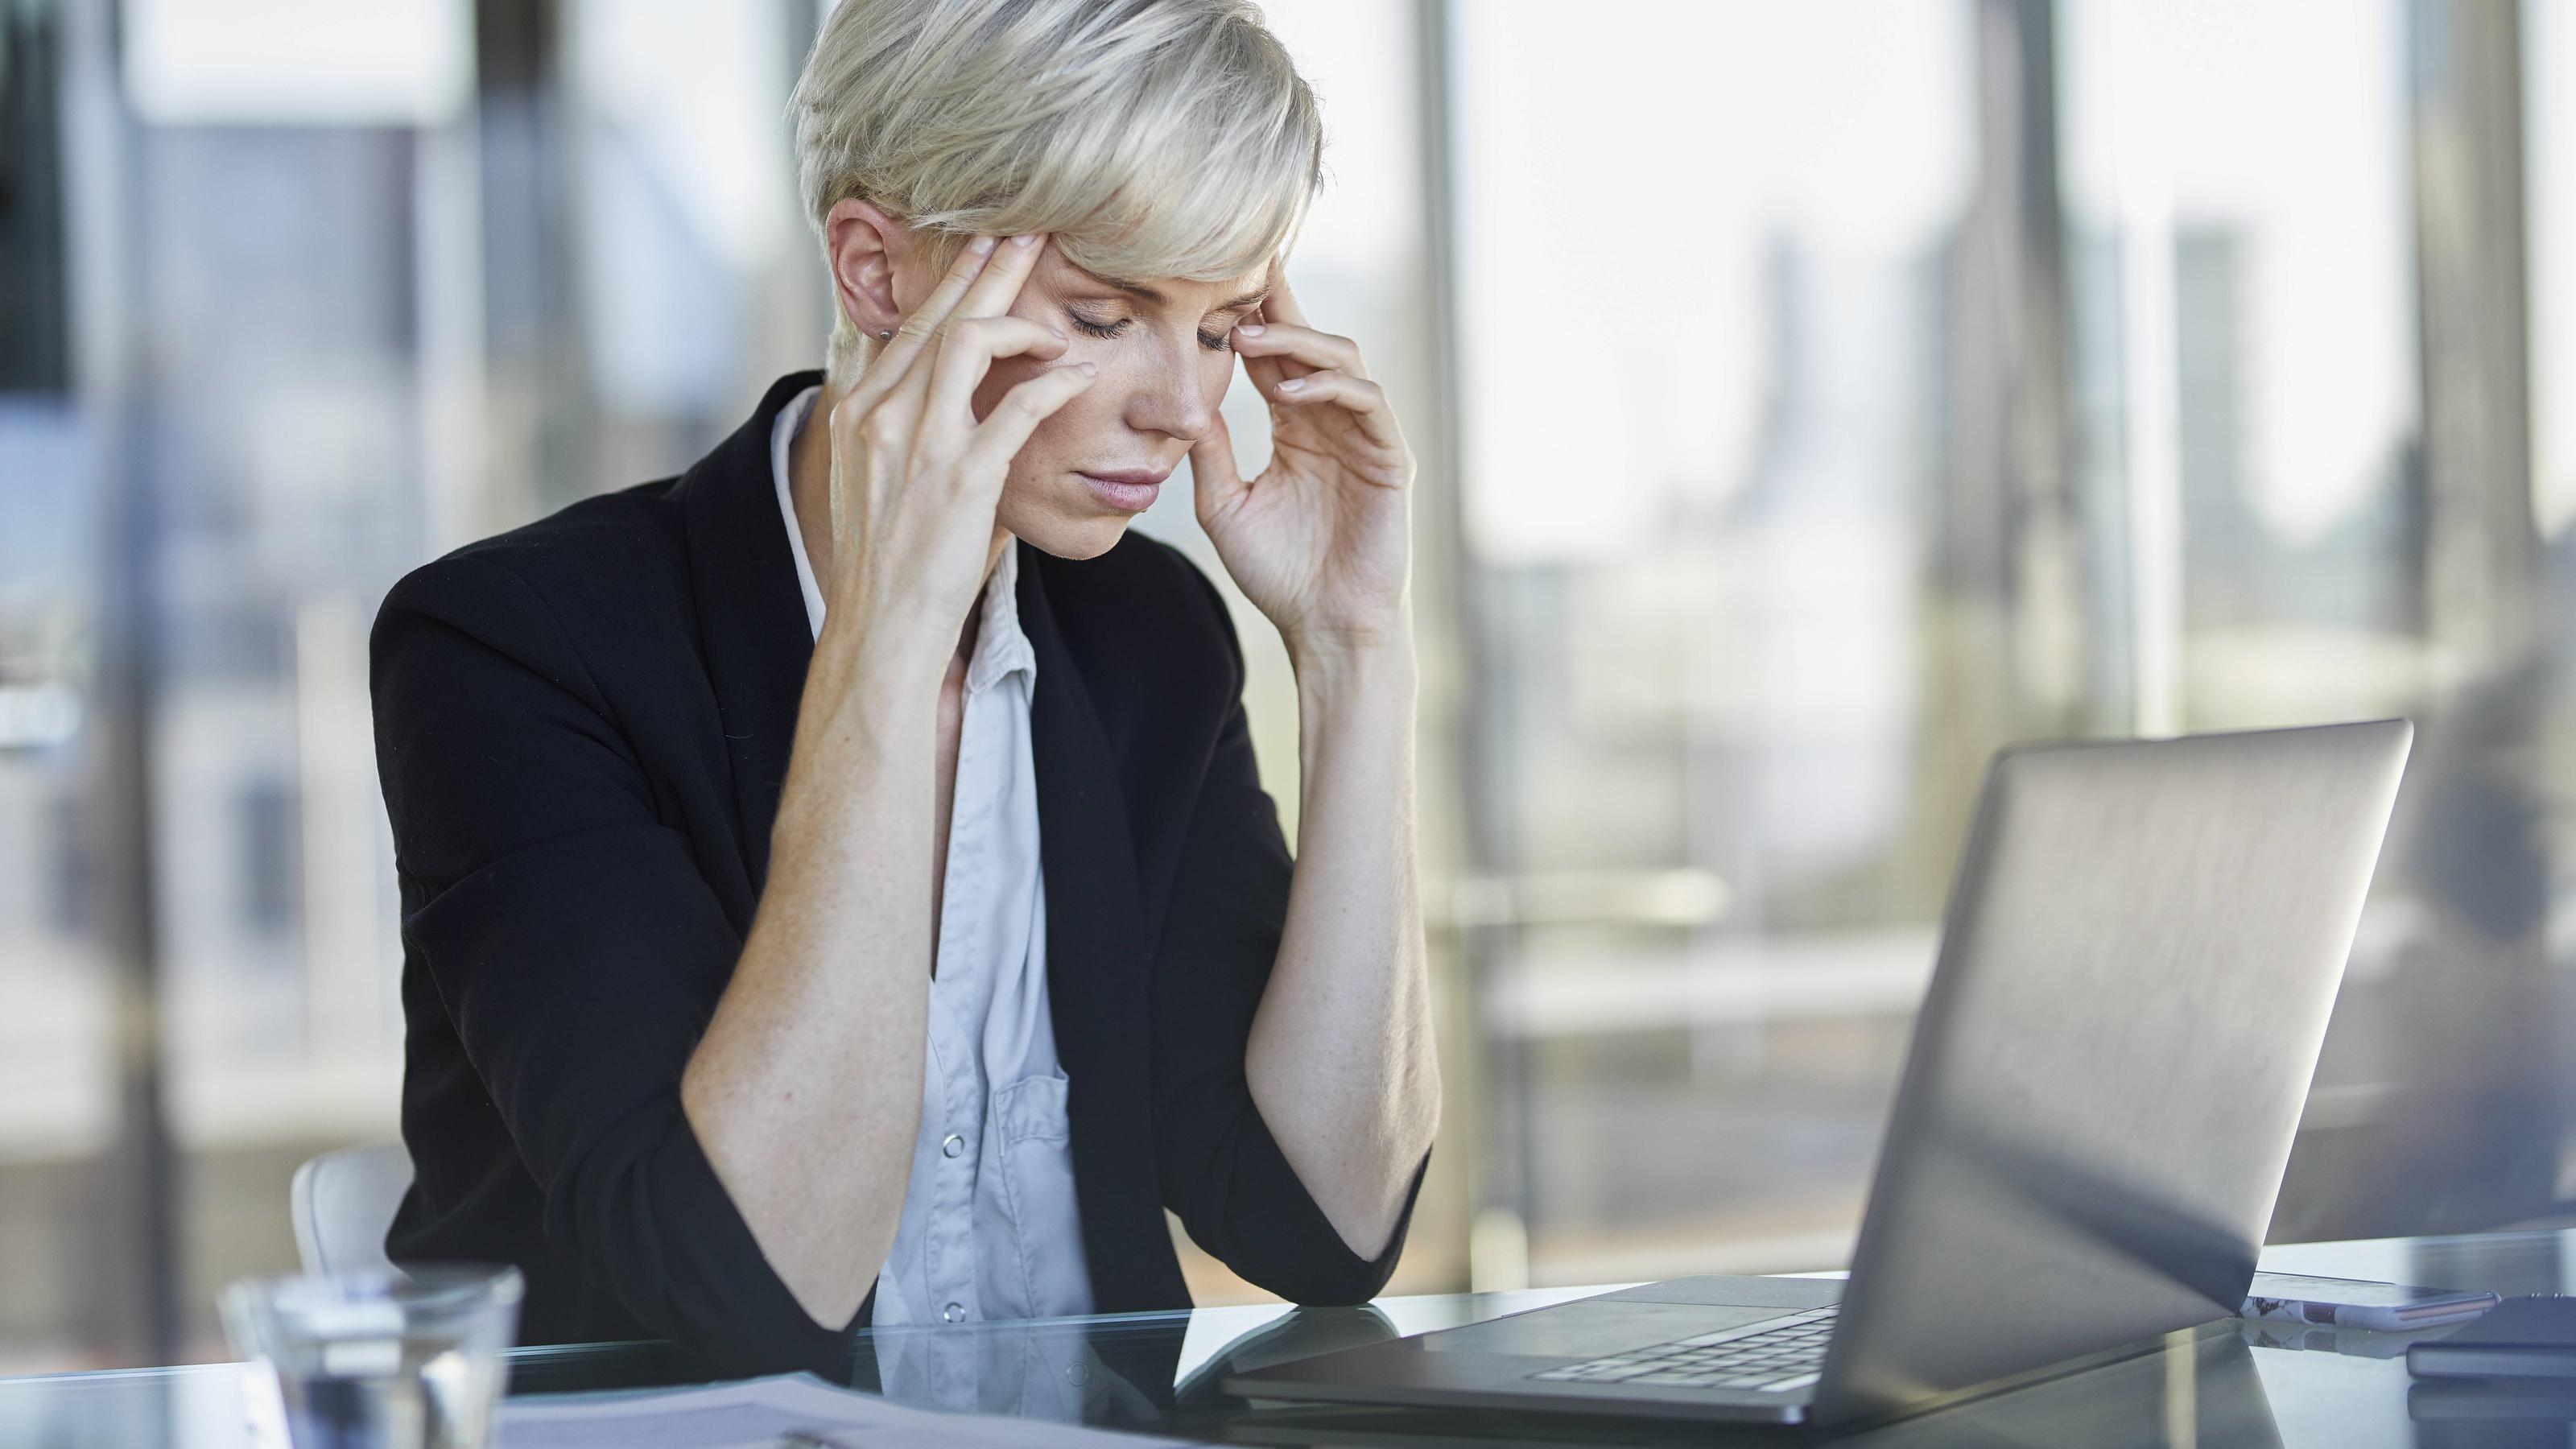 Konzentrations- und Leistungsfähigkeit sinken bei großer Hitze in den Arbeitsräumen.